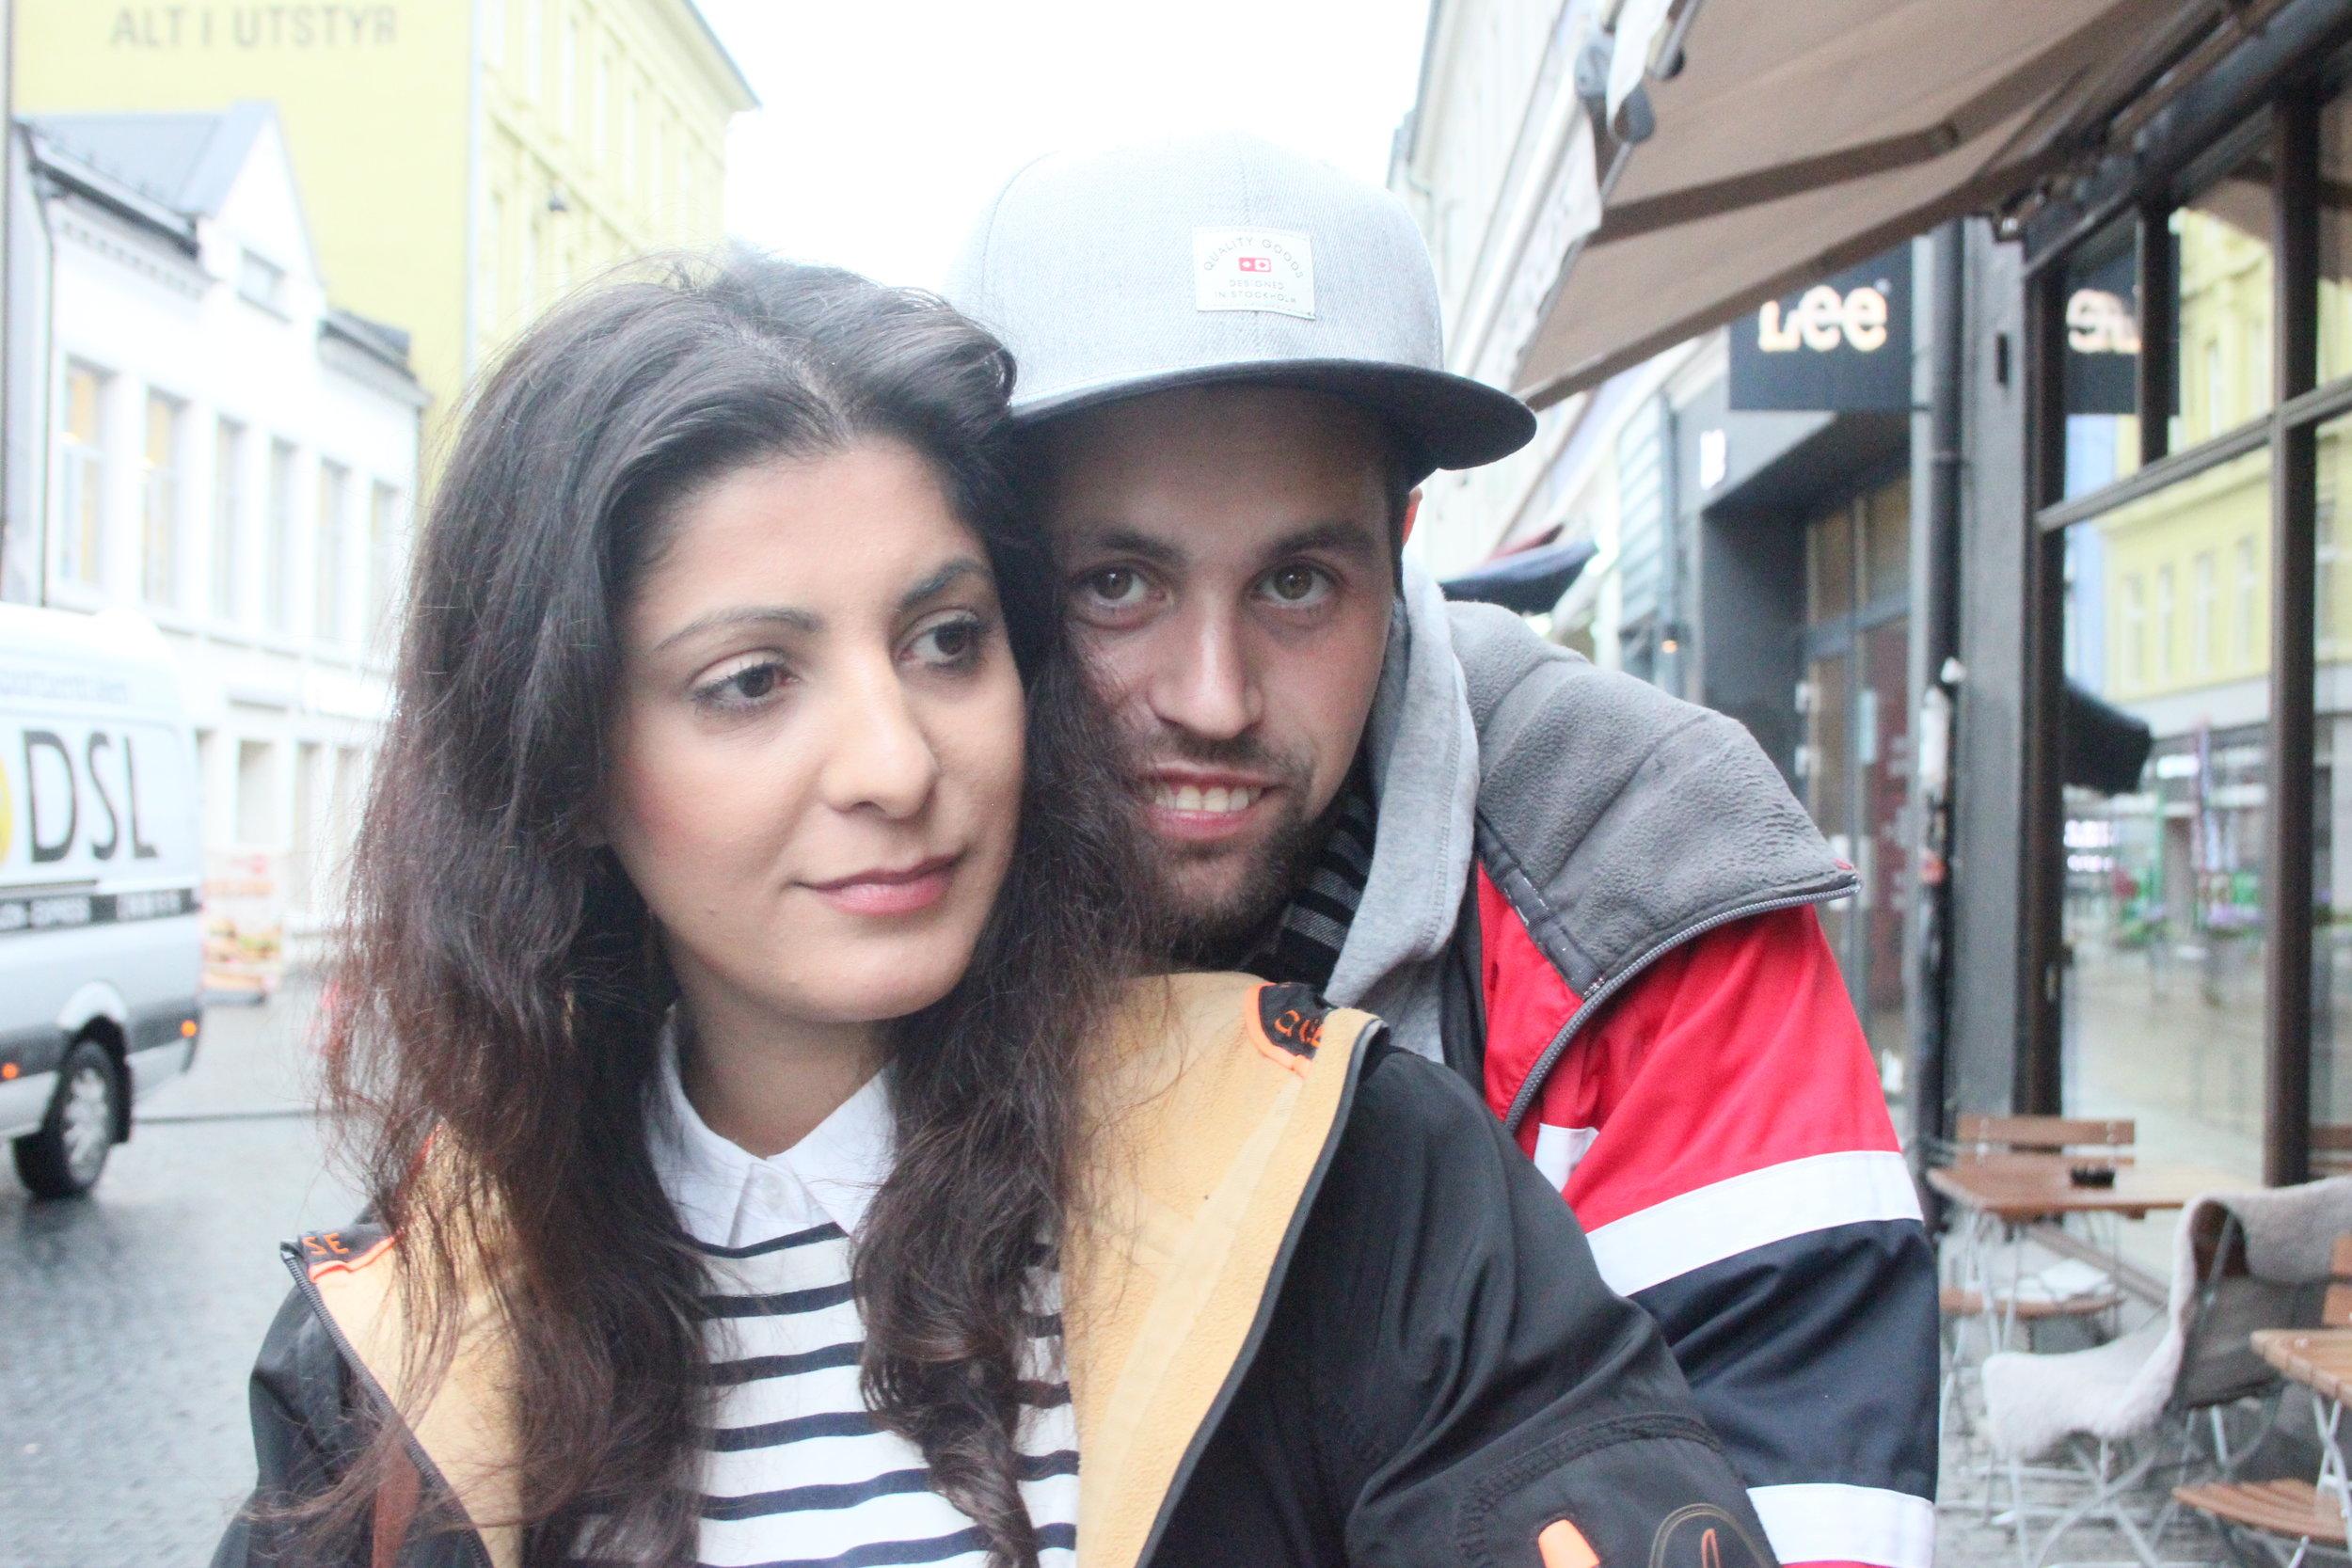 –Yousefs ærlighet om sine diagnoser var viktig for meg, forklarer Rania om hennes forhold til sin 6 år yngre forlovede.